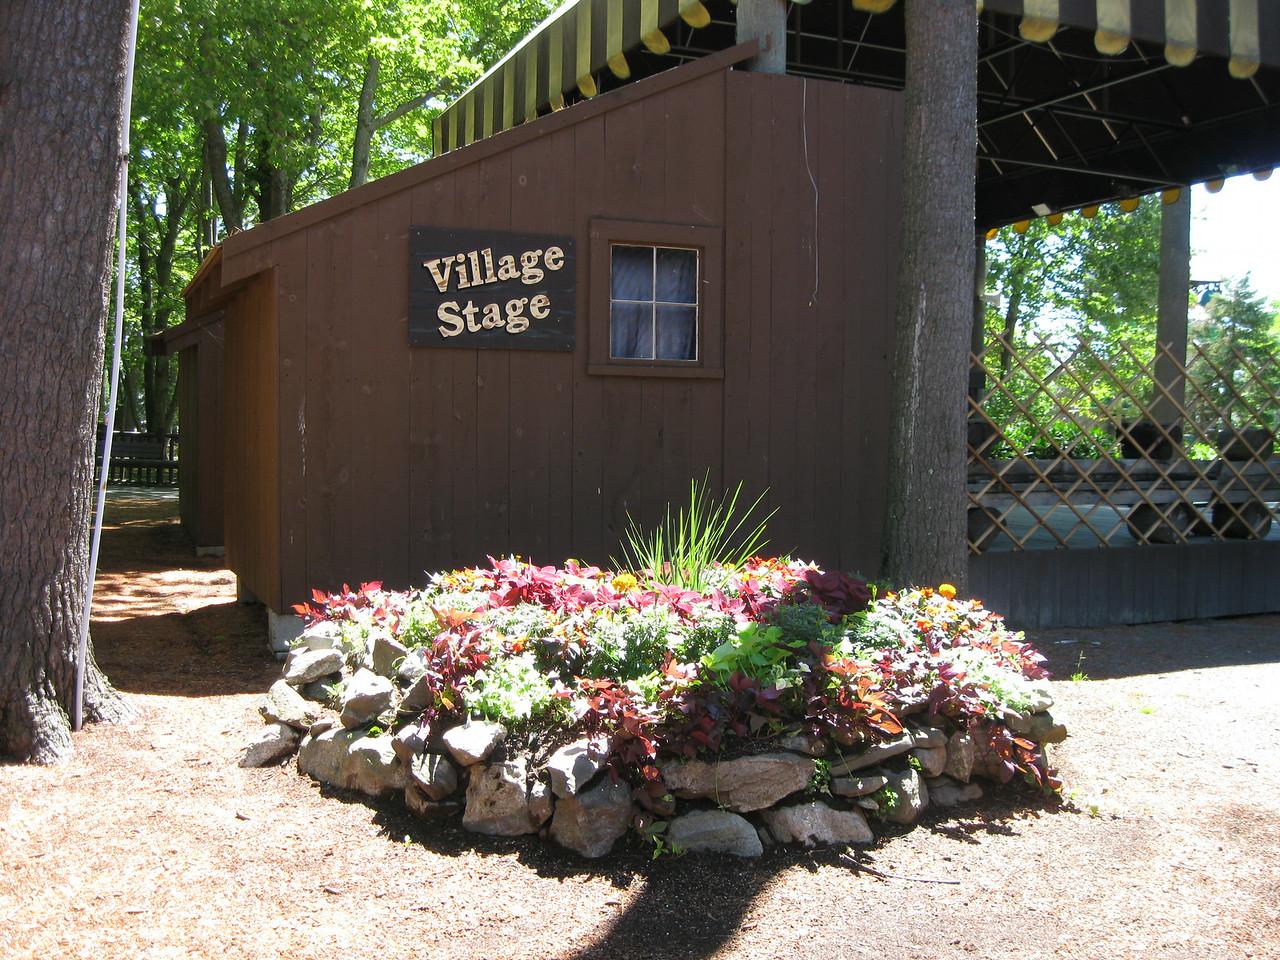 Village Stage.